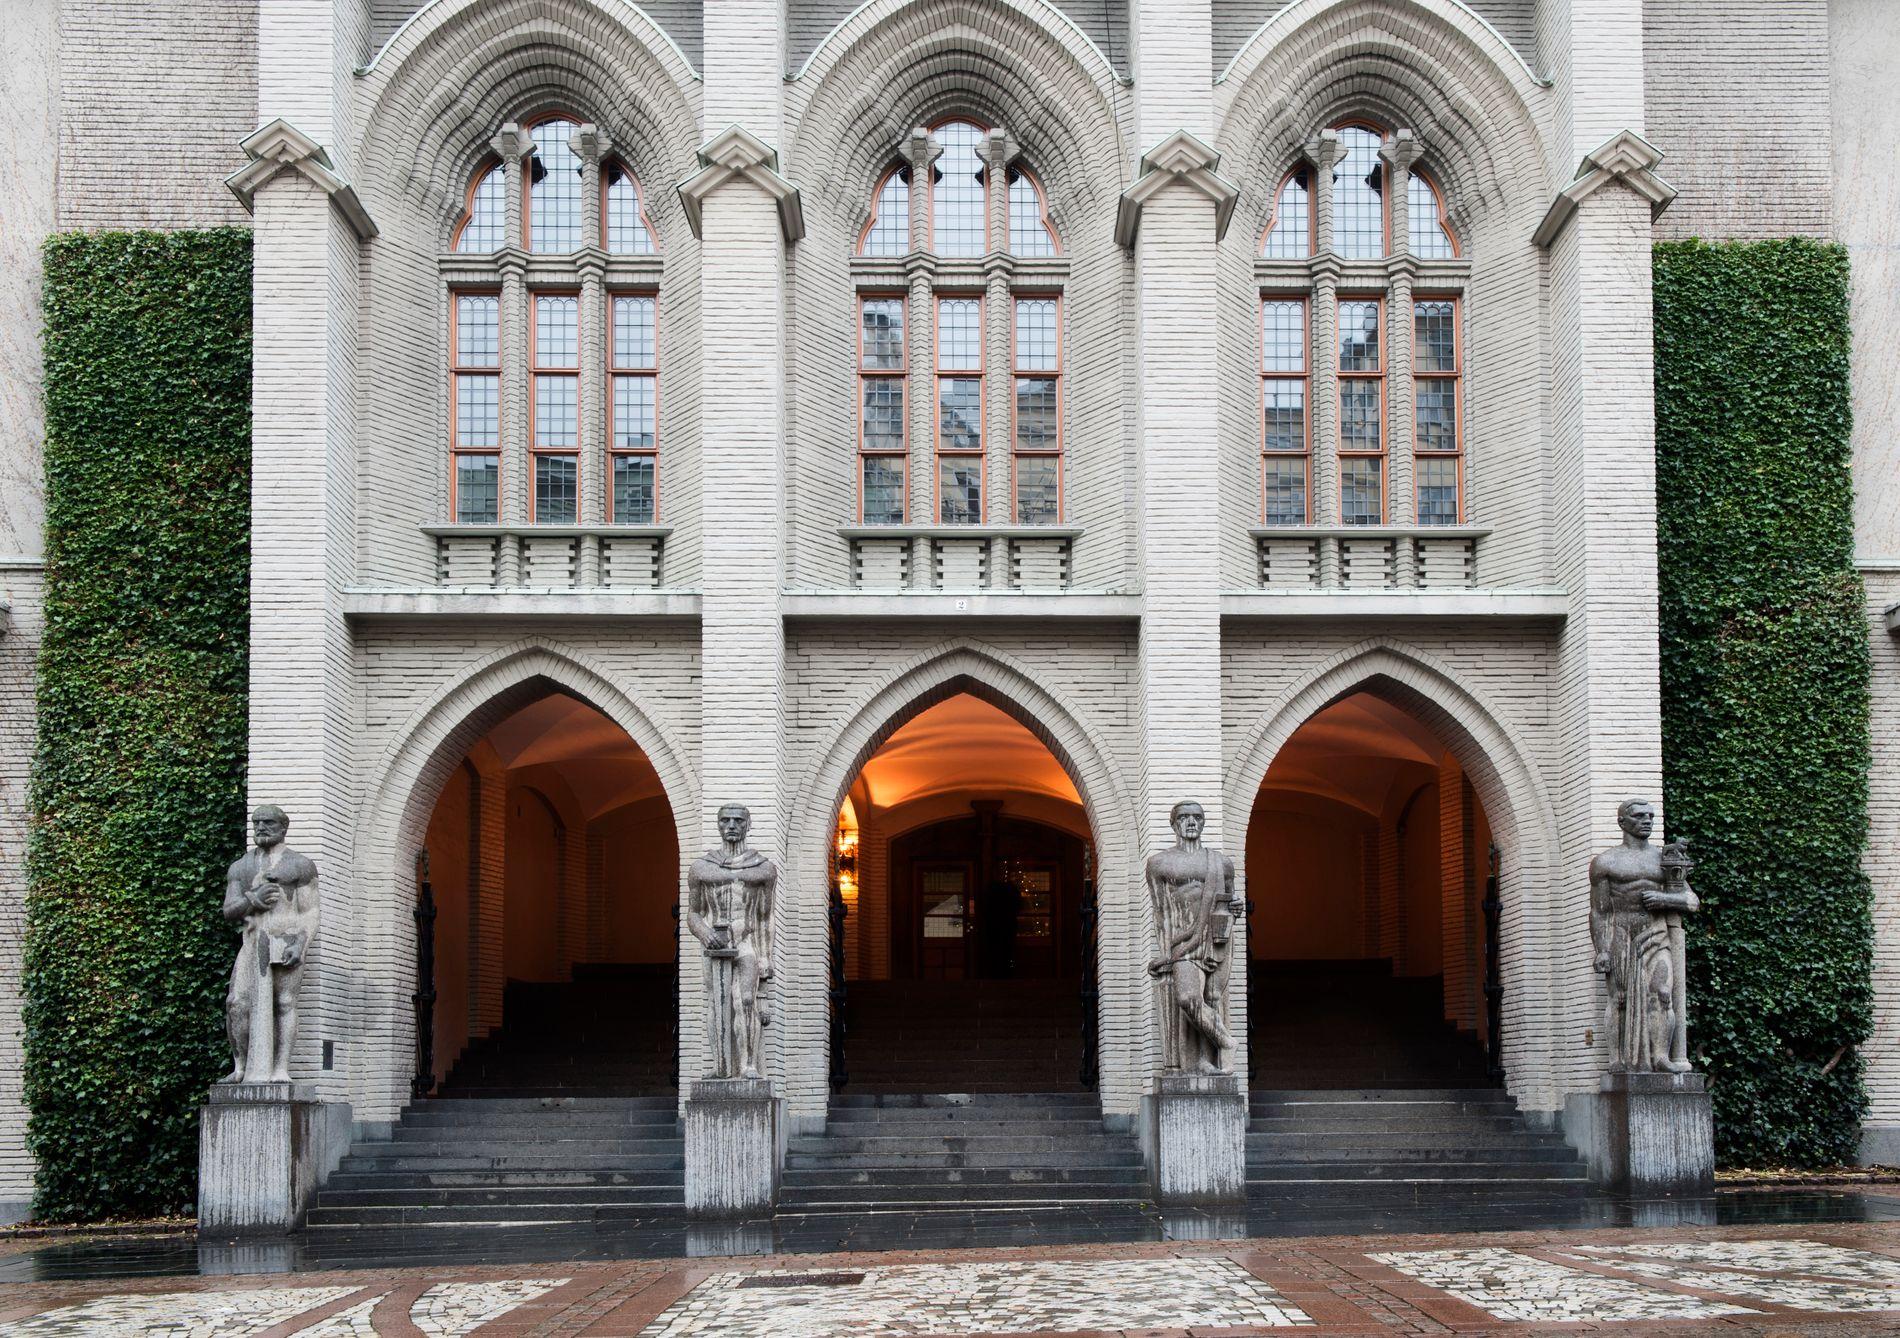 FASADE: Inngangen til Bergen tinghus er utsmykket med fire granittstatuer som skal forestille de såkalte kardinaldydene (visdom, mot, måtehold og rettferdighet). Kilde: Bergen arkitekturguide.